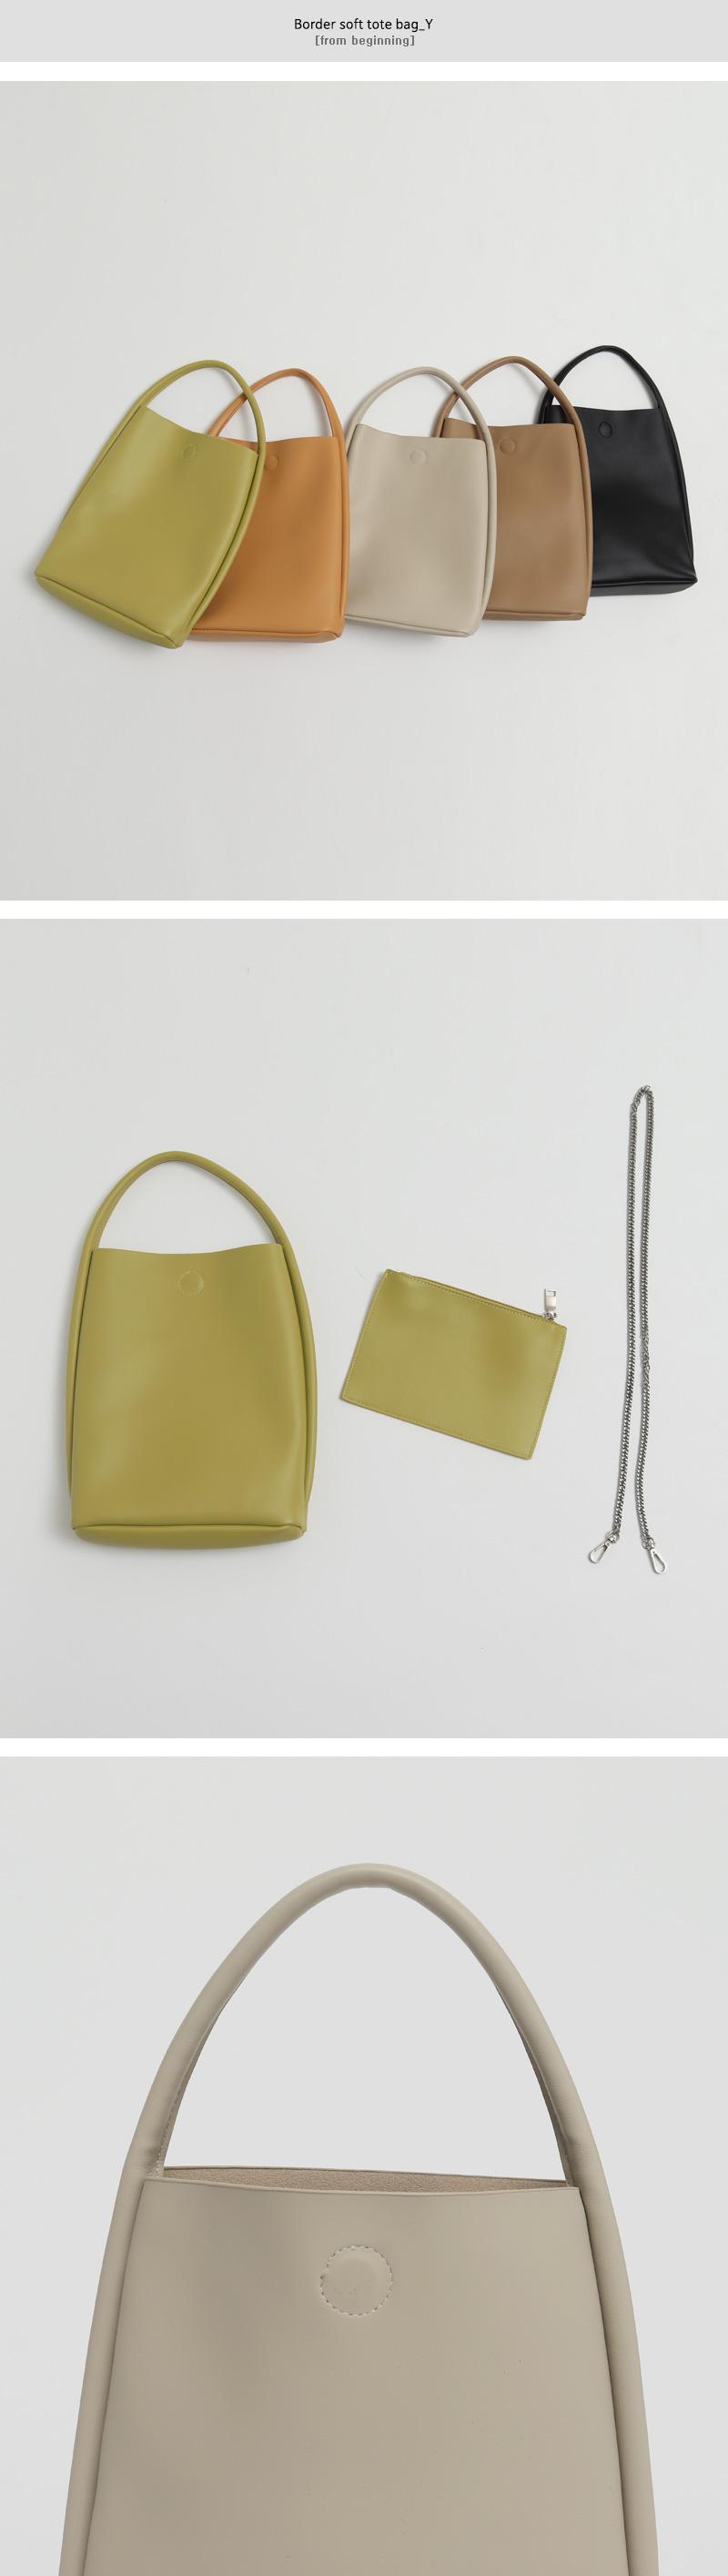 Border soft tote bag_Y